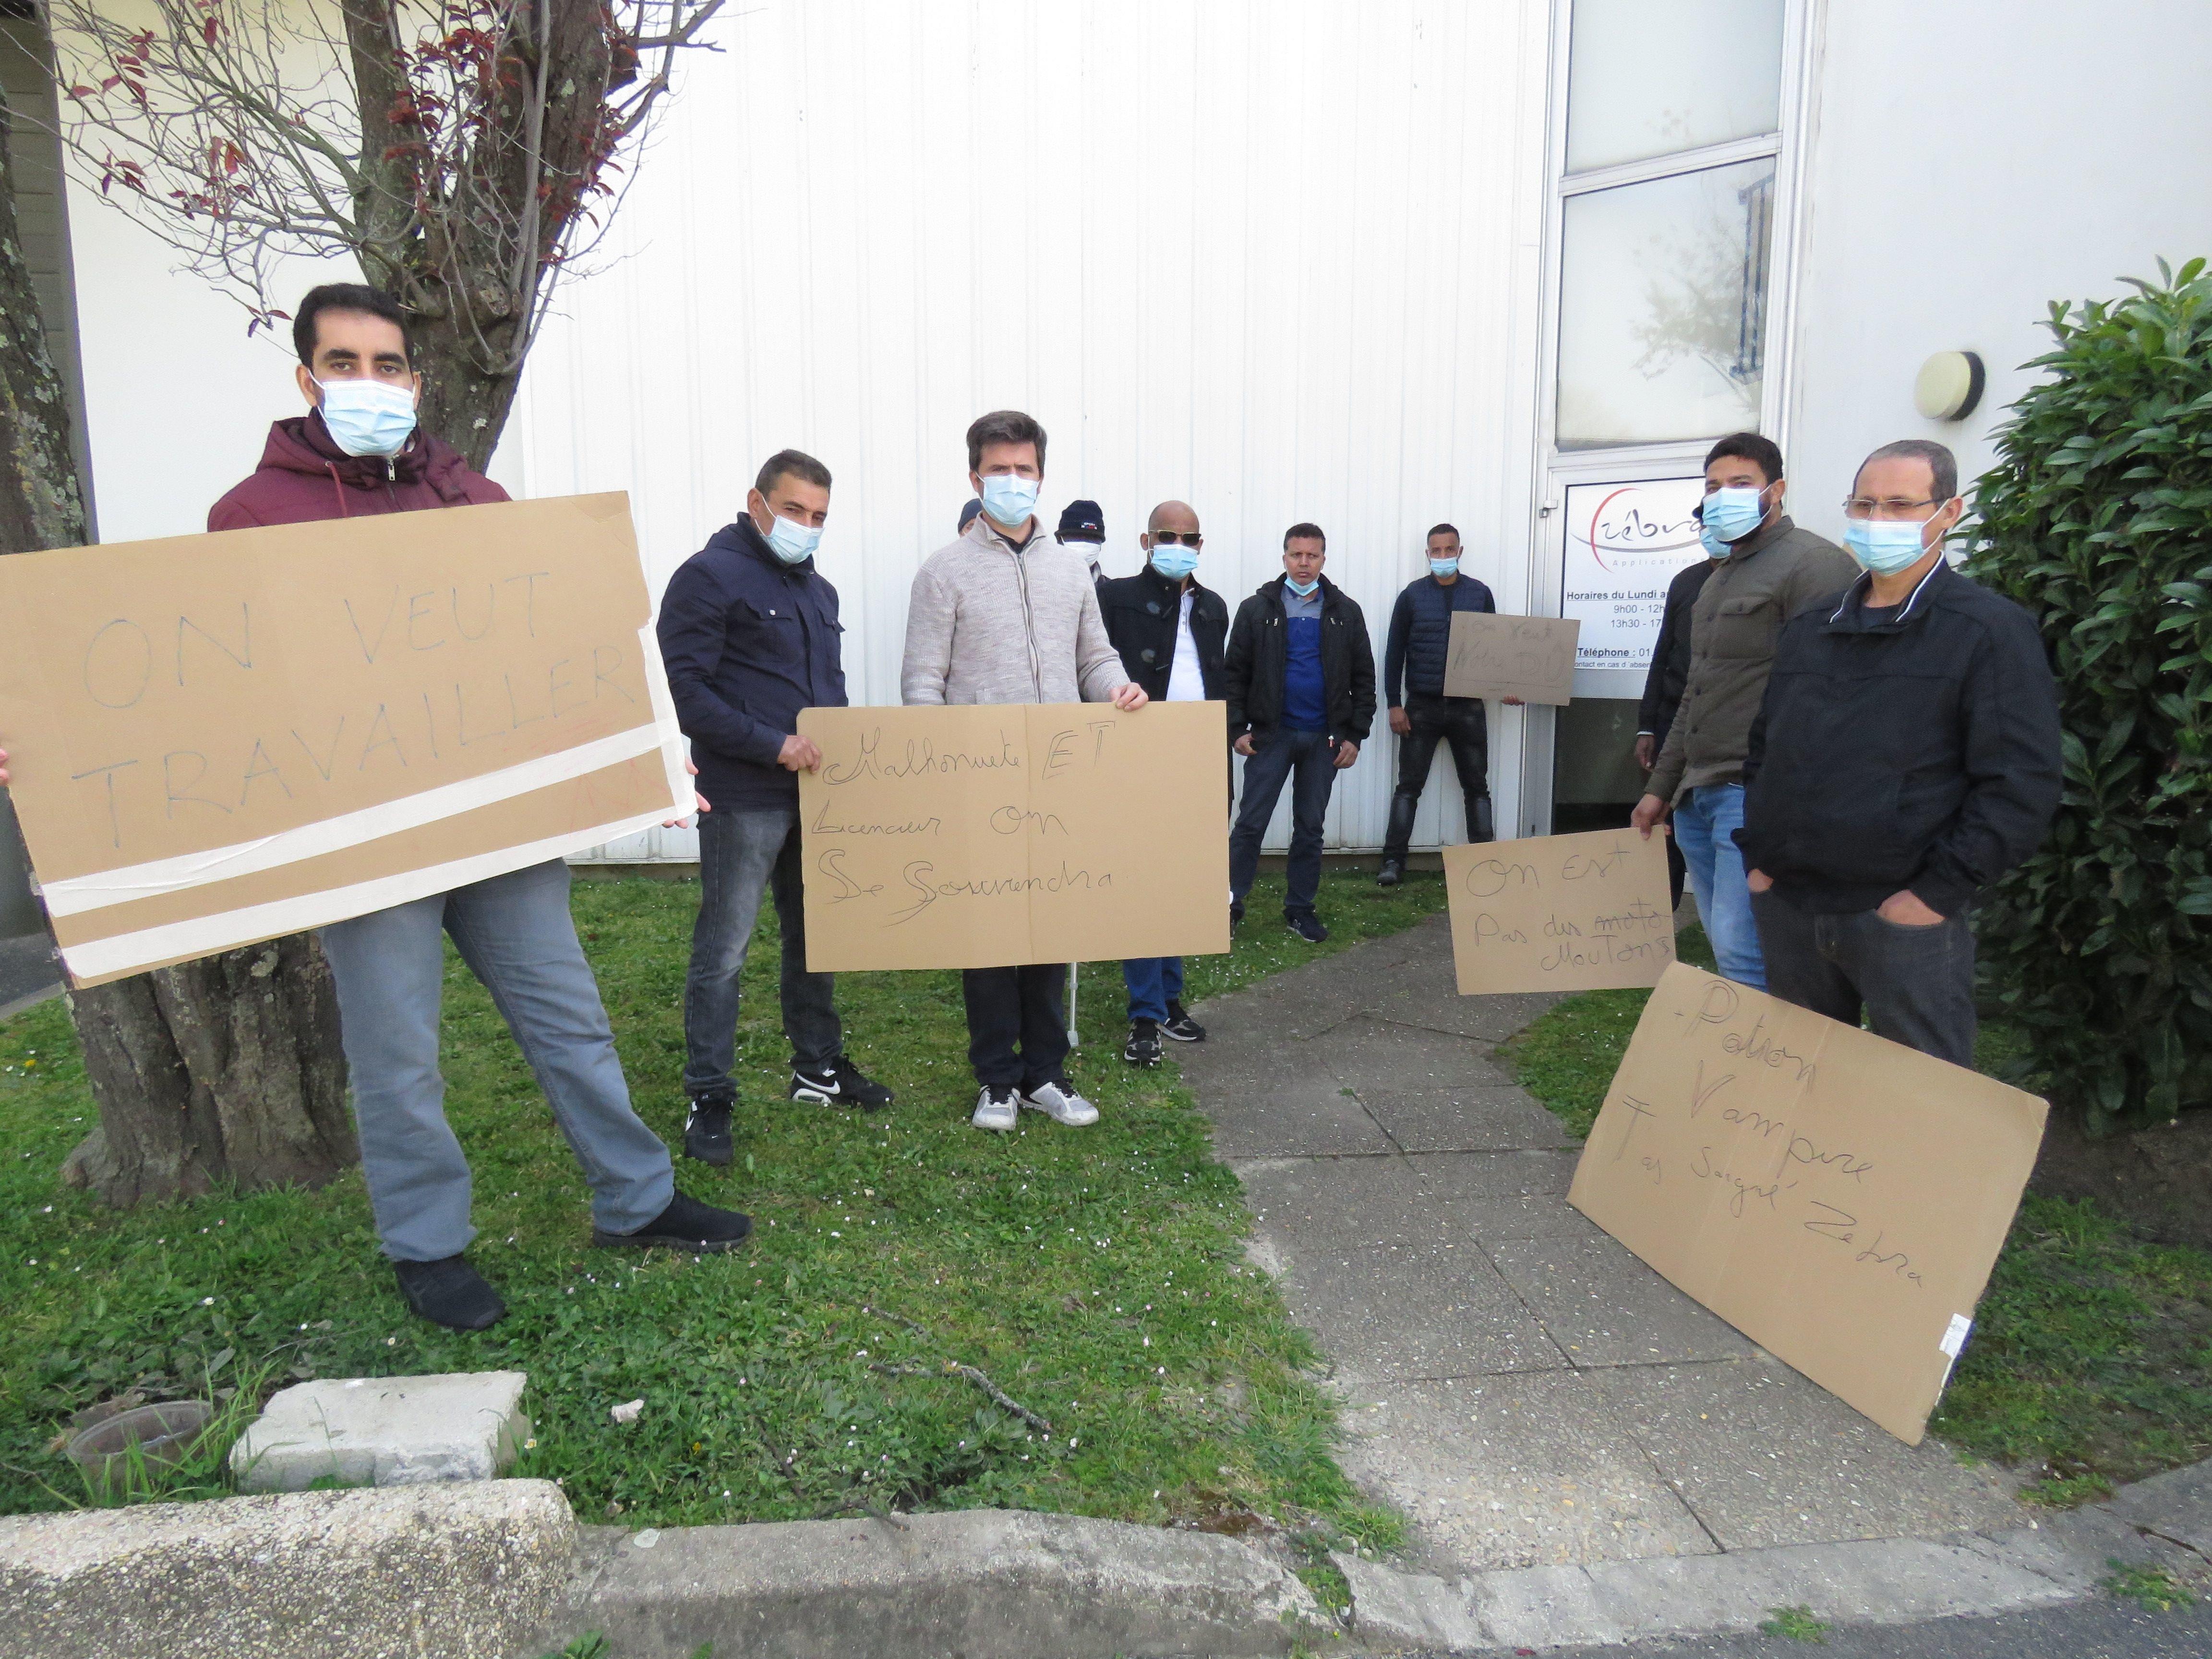 Argenteuil : après son rachat par AB marquage, la société Zebra dans la tourmente